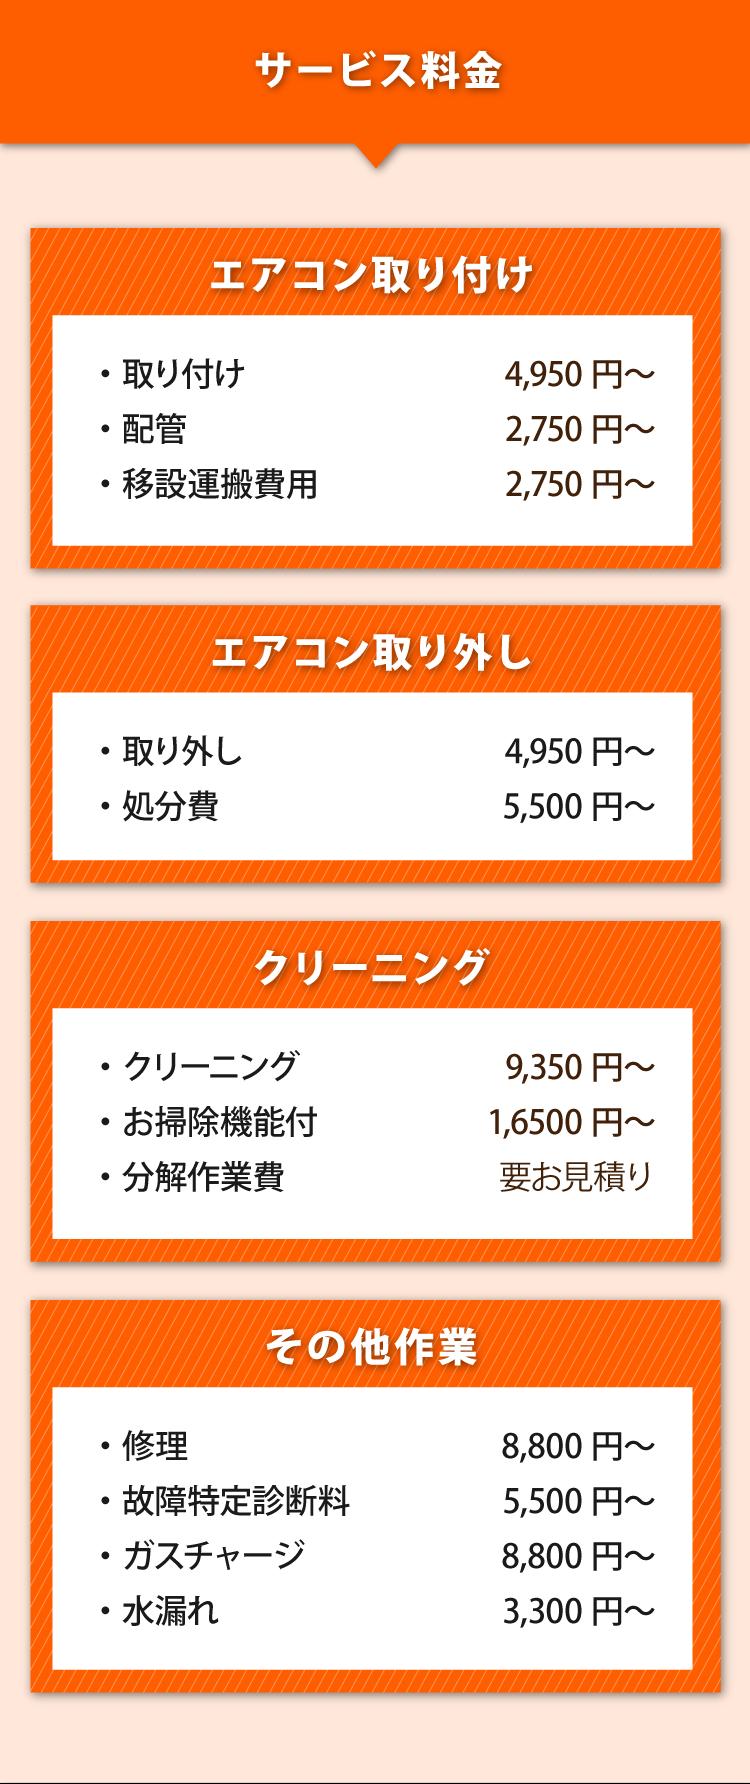 エアコン修理、水漏れも対応可能。エアコンクリーニング9500円~、エアコン取り付け4500円~、エアコン取り外し4500円~、エアコン処分費5000円~